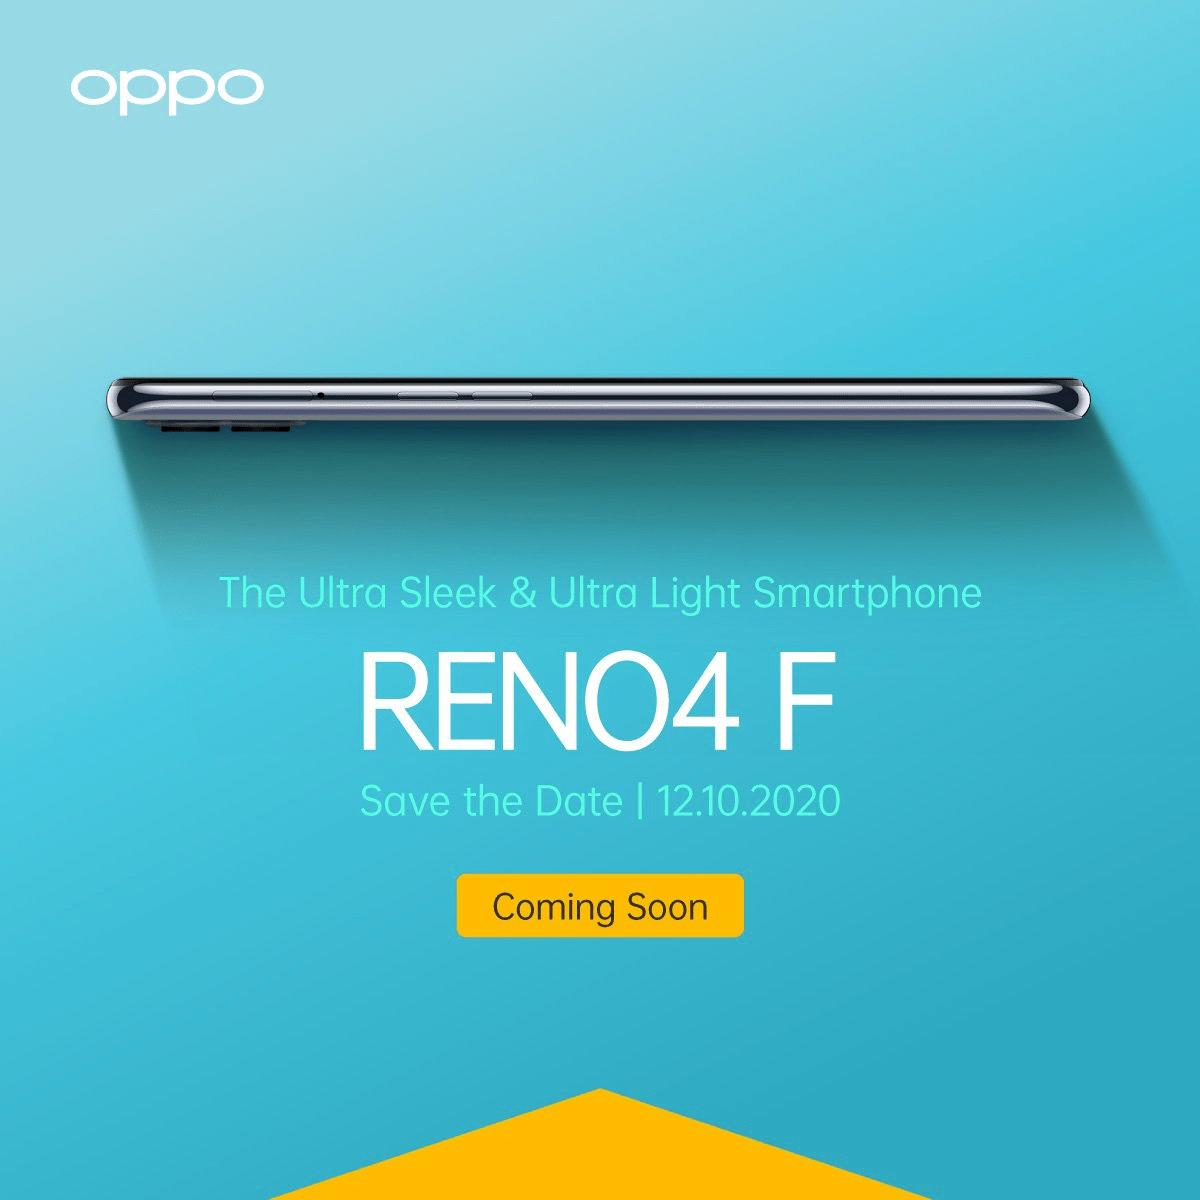 تصویر از گوشی هوشمند OPPO Reno4 F در ماه اکتبر به بازار می آید.